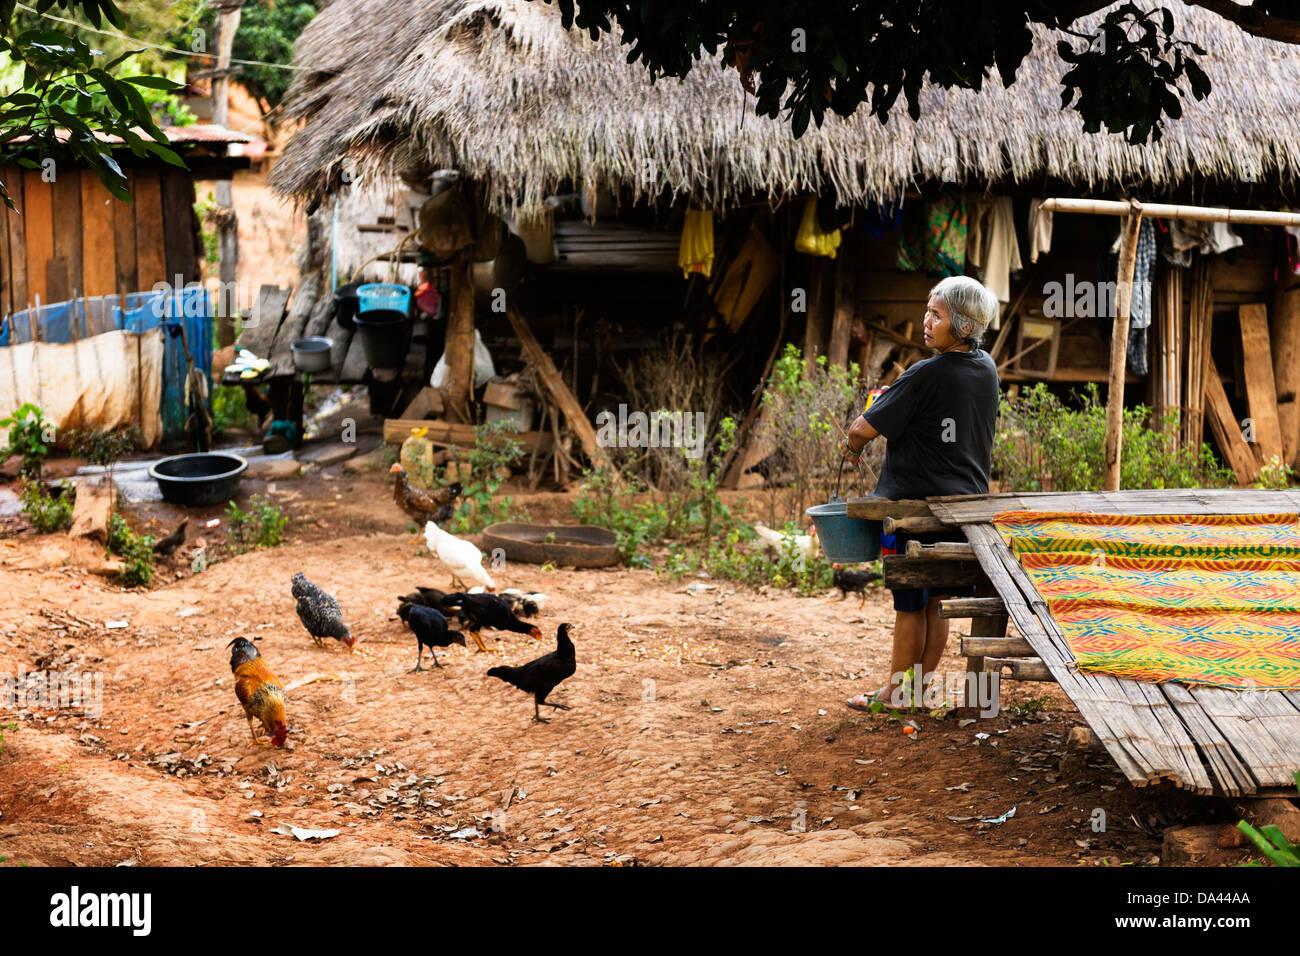 Ban Chang (Hilltribe Village), Mae Taeng, Chiang Mai. - Stock Image